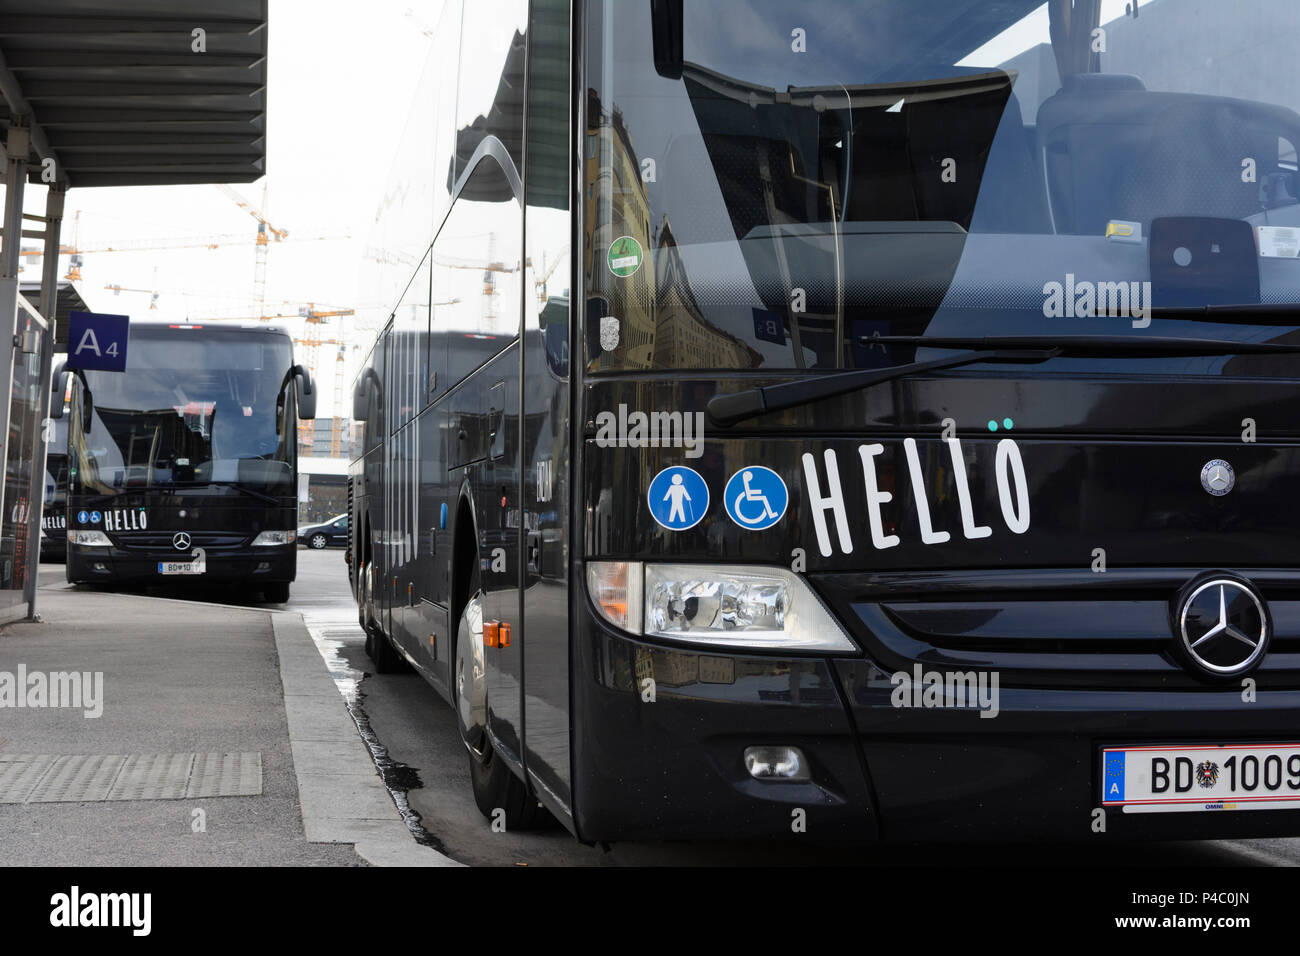 Vienna, 'Hellö' long distance bus of ÖBB Austrian Railways at bus station, 04. Wieden, Wien, Austria - Stock Image